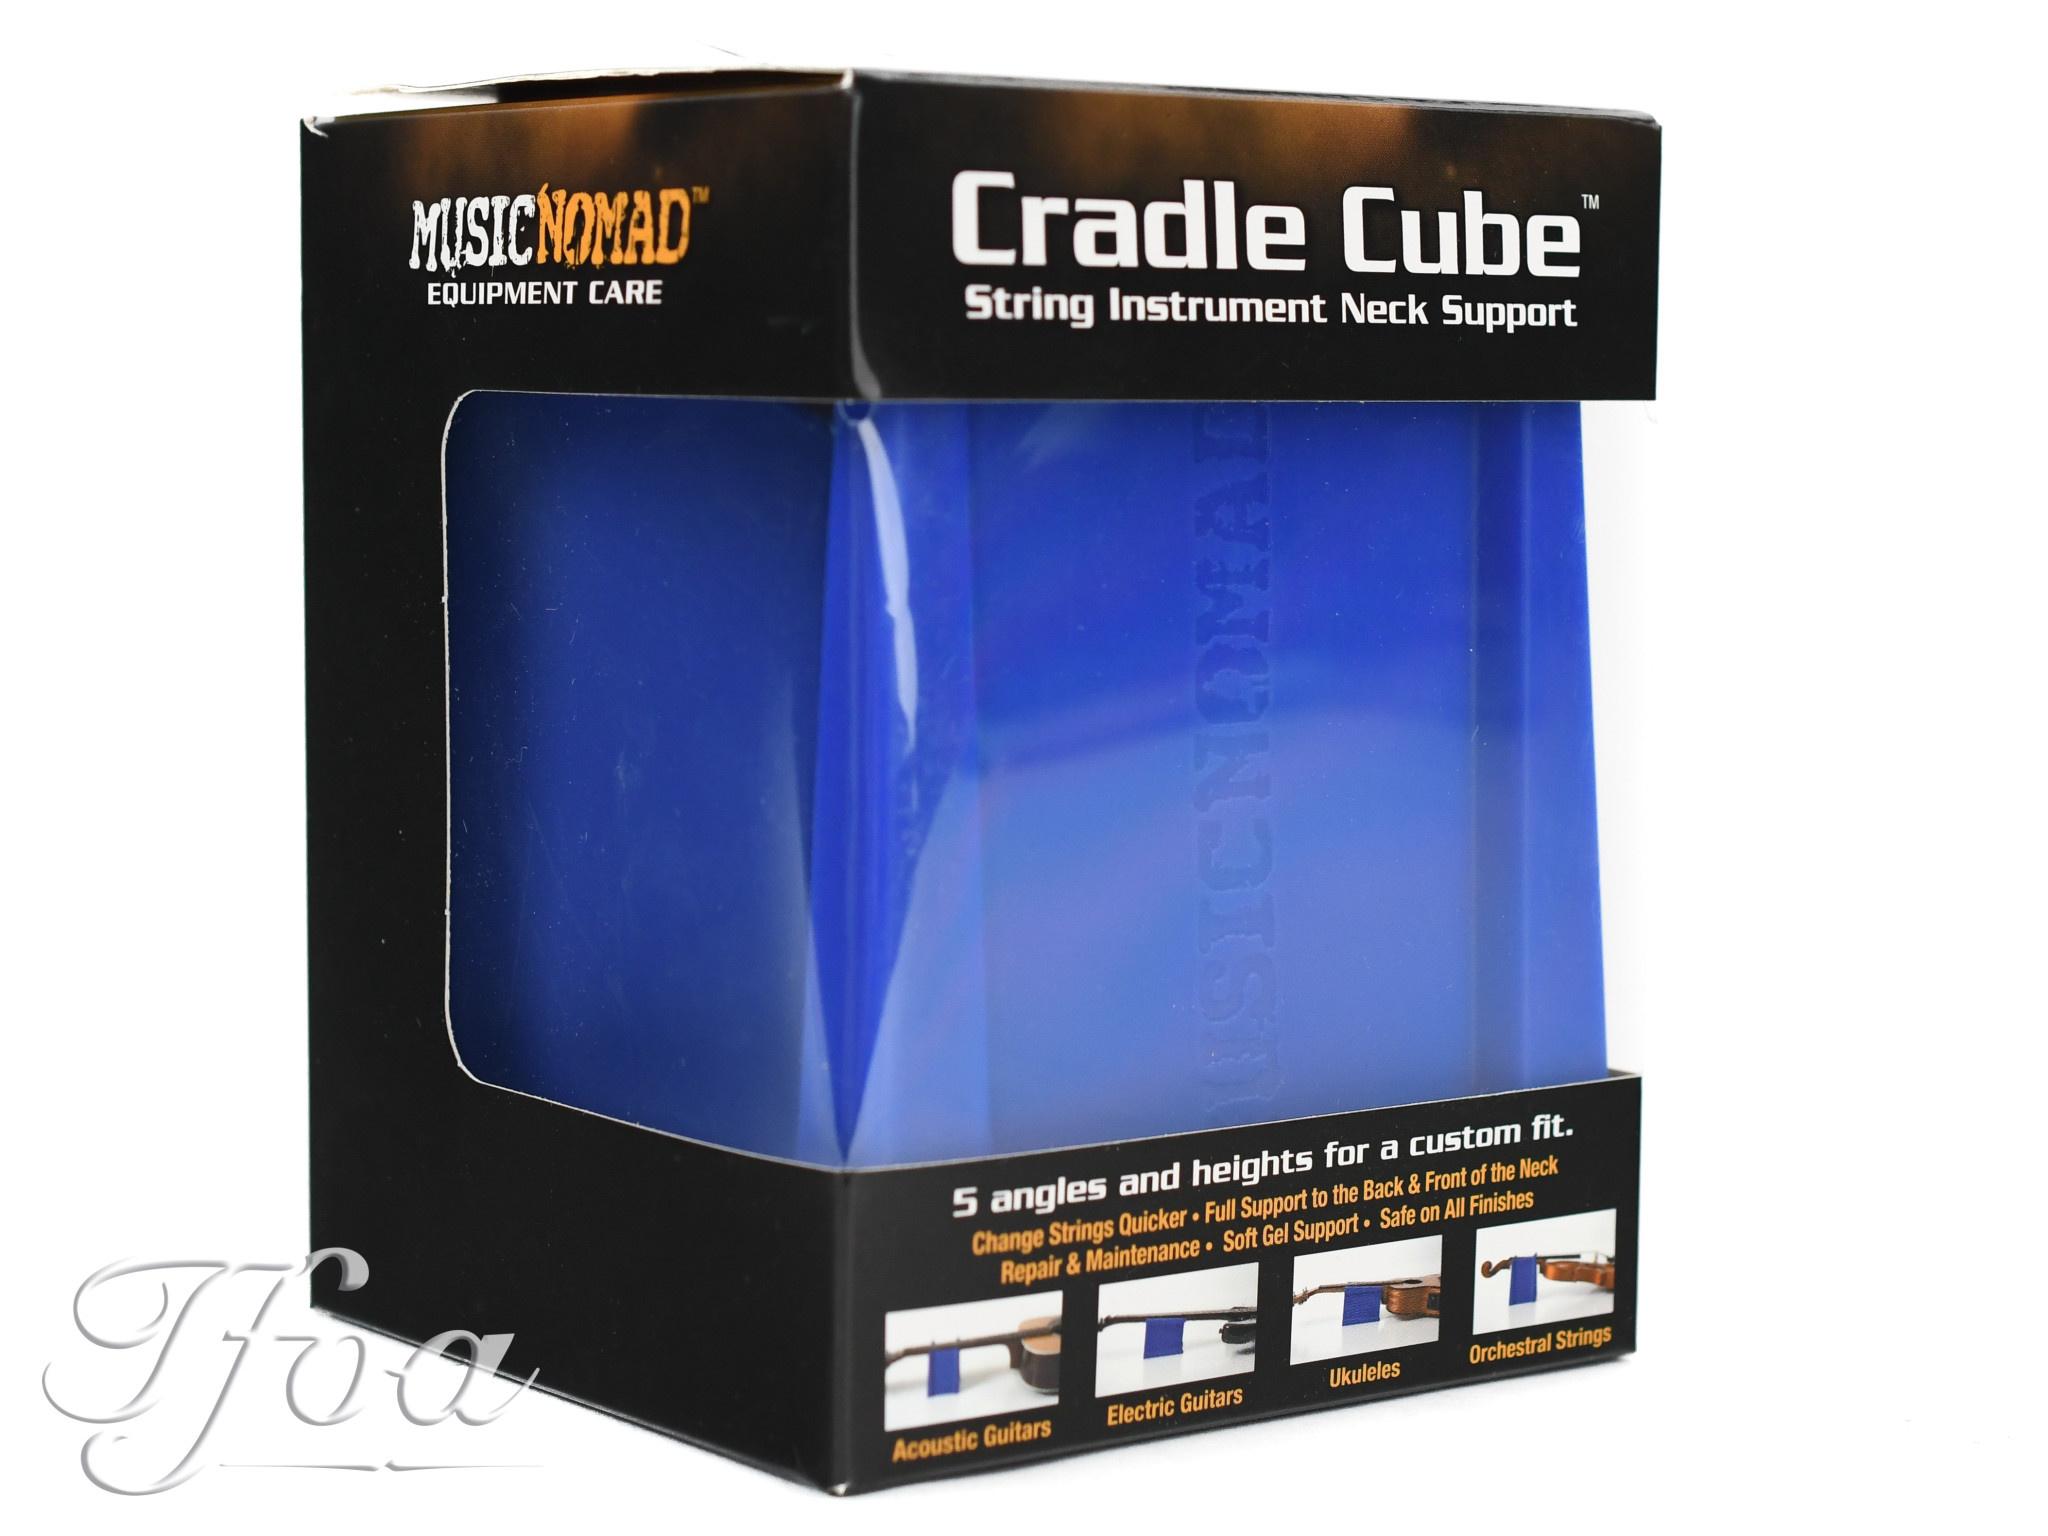 Muziek Nomad MN206 Cradle Cube